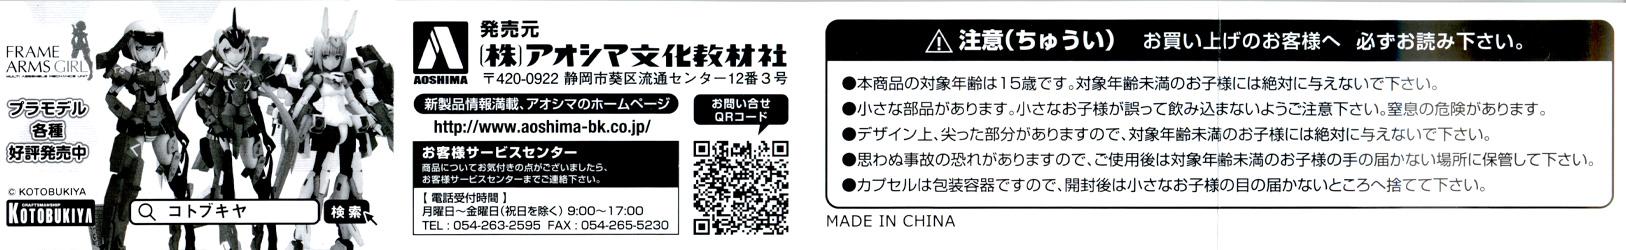 はこから! 〜HAKOKARA〜 フレームアームズ・ガール vol.2